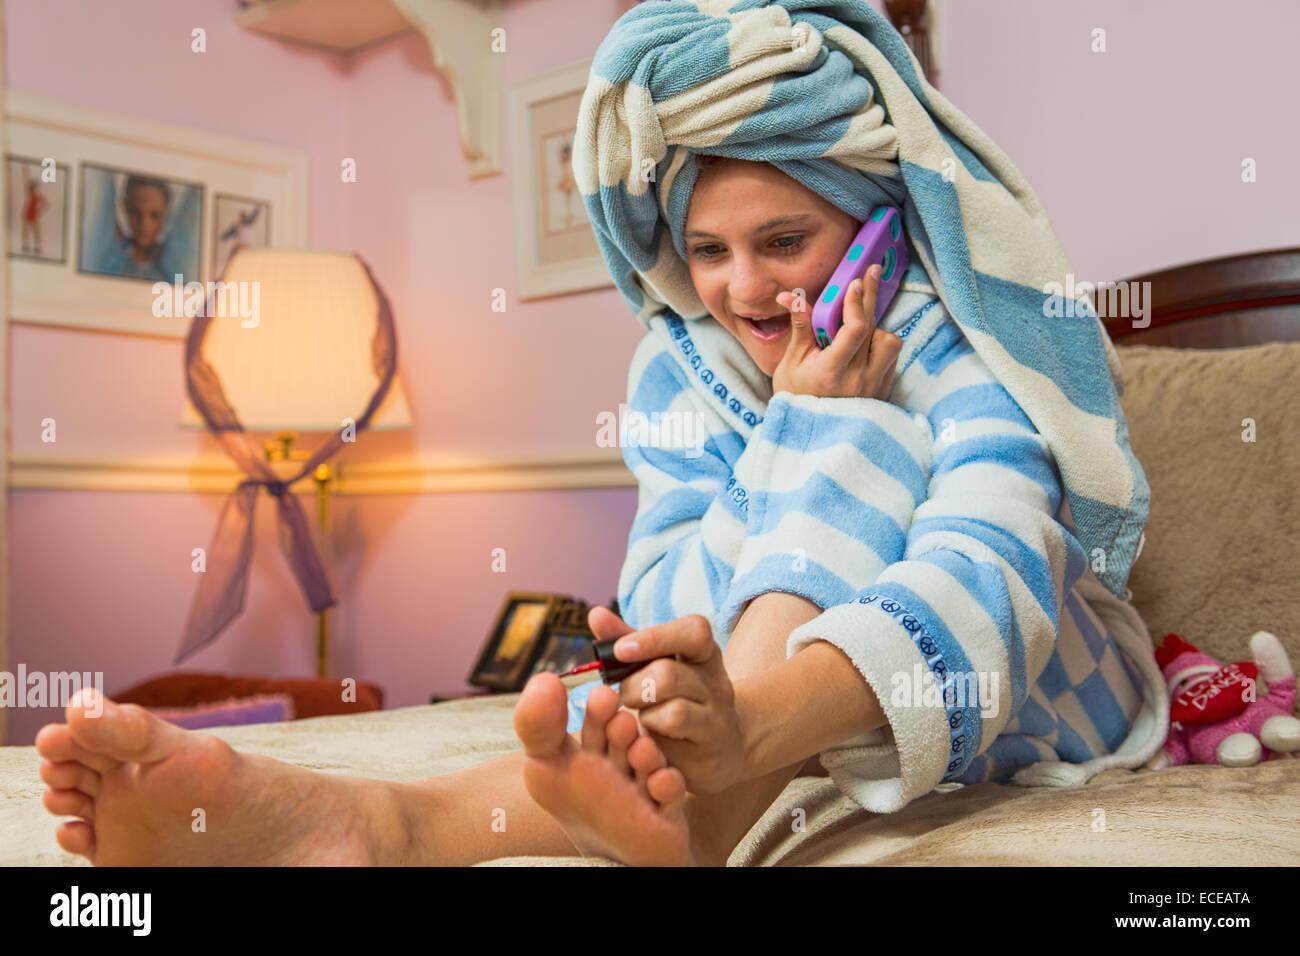 Chica sentada en la cama hablando por teléfono móvil mientras pintar uñas Imagen De Stock